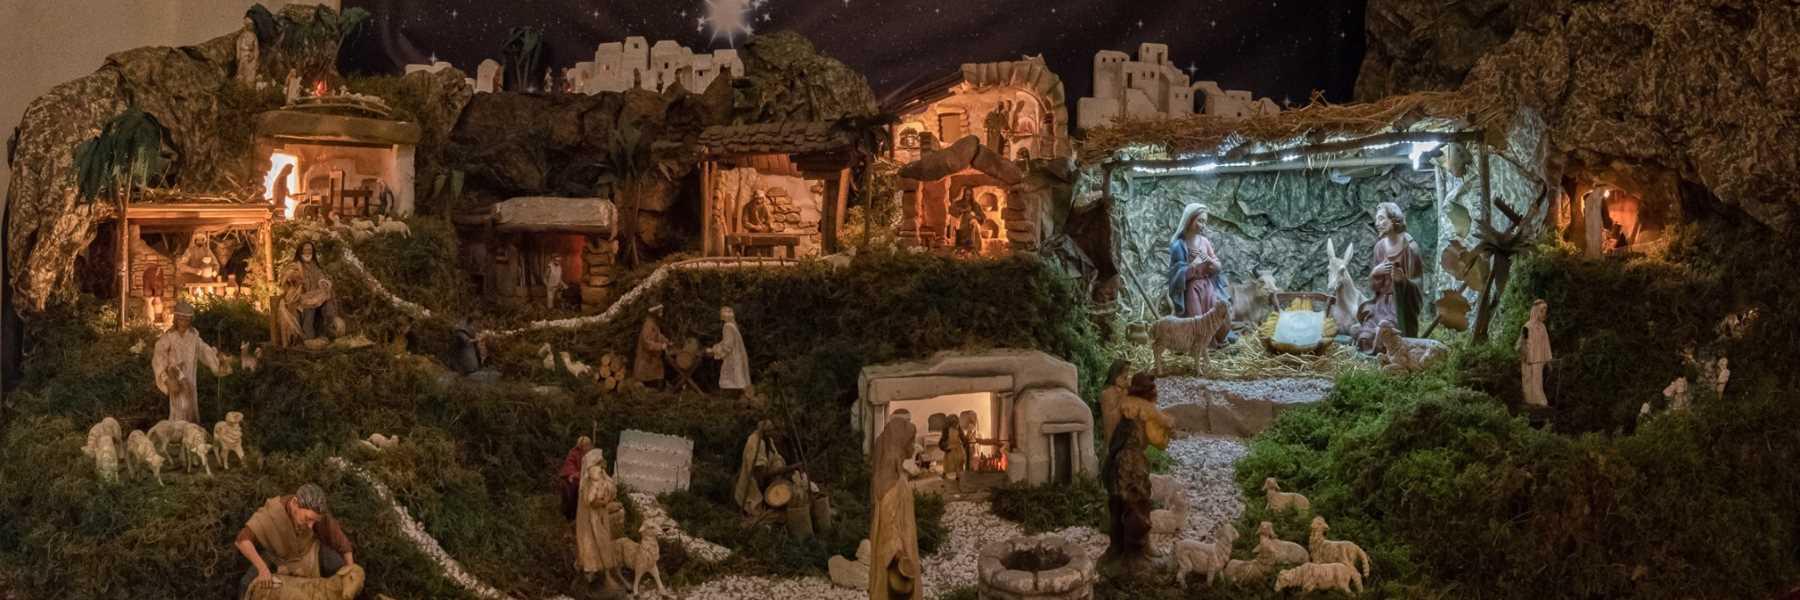 Crèche animée dans la Cathédrale de Cervia